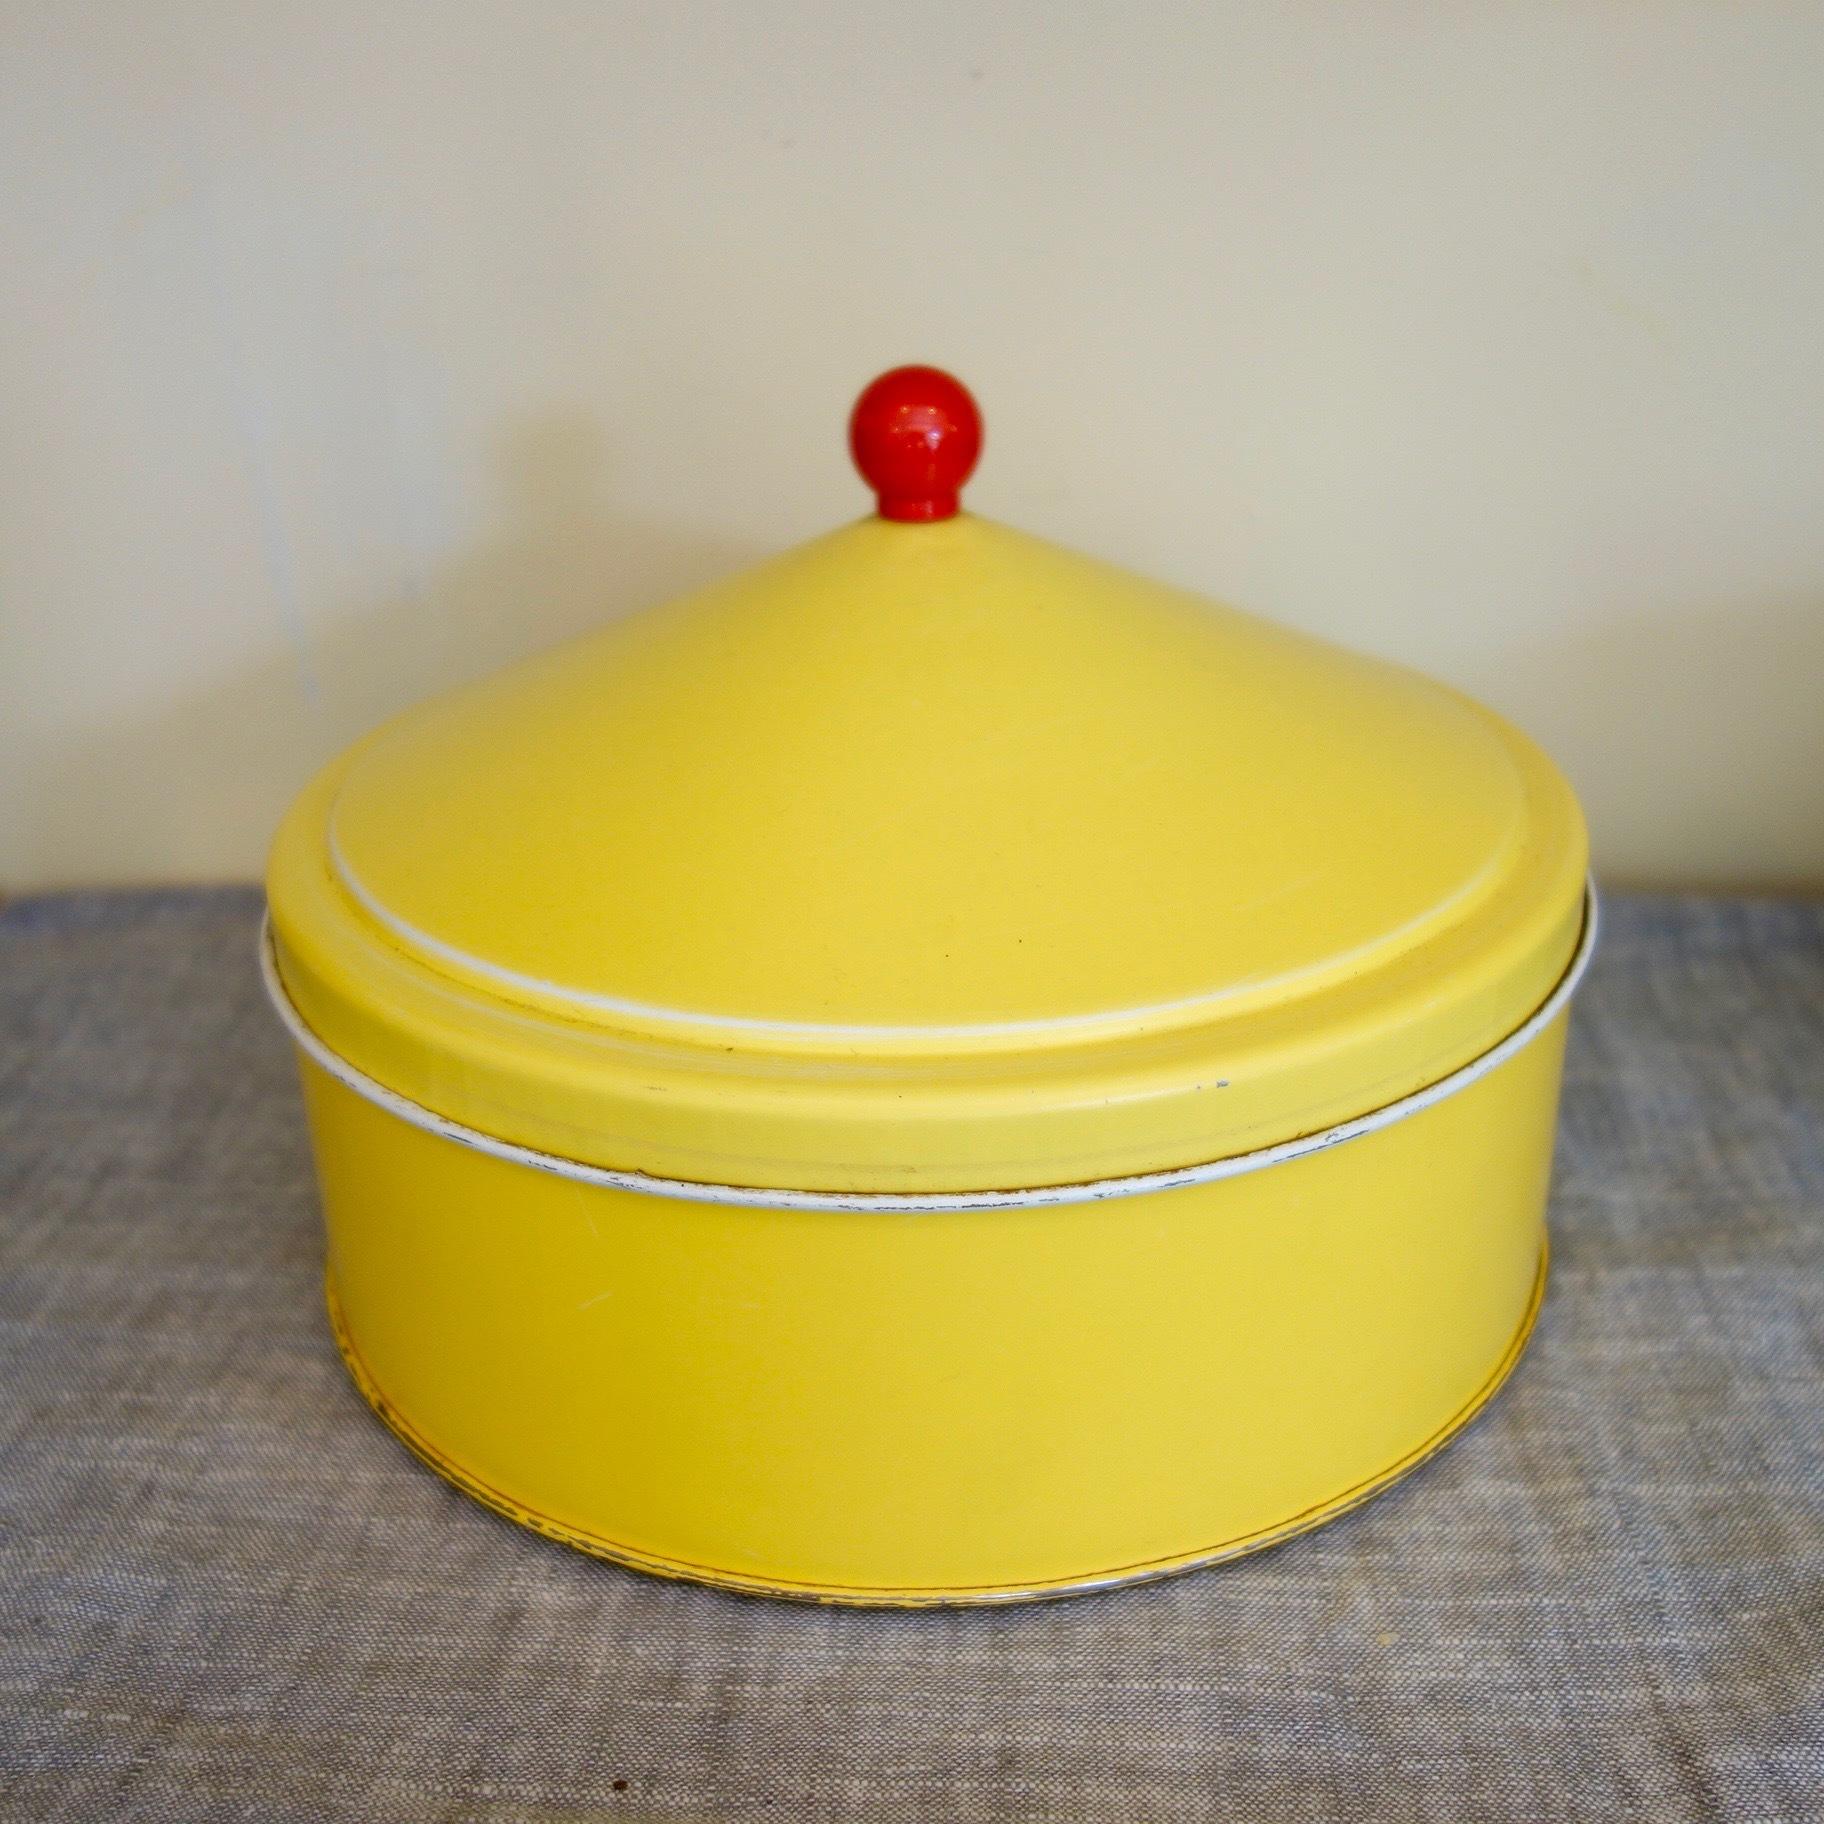 レトロポップなレモンイエロー色のカン